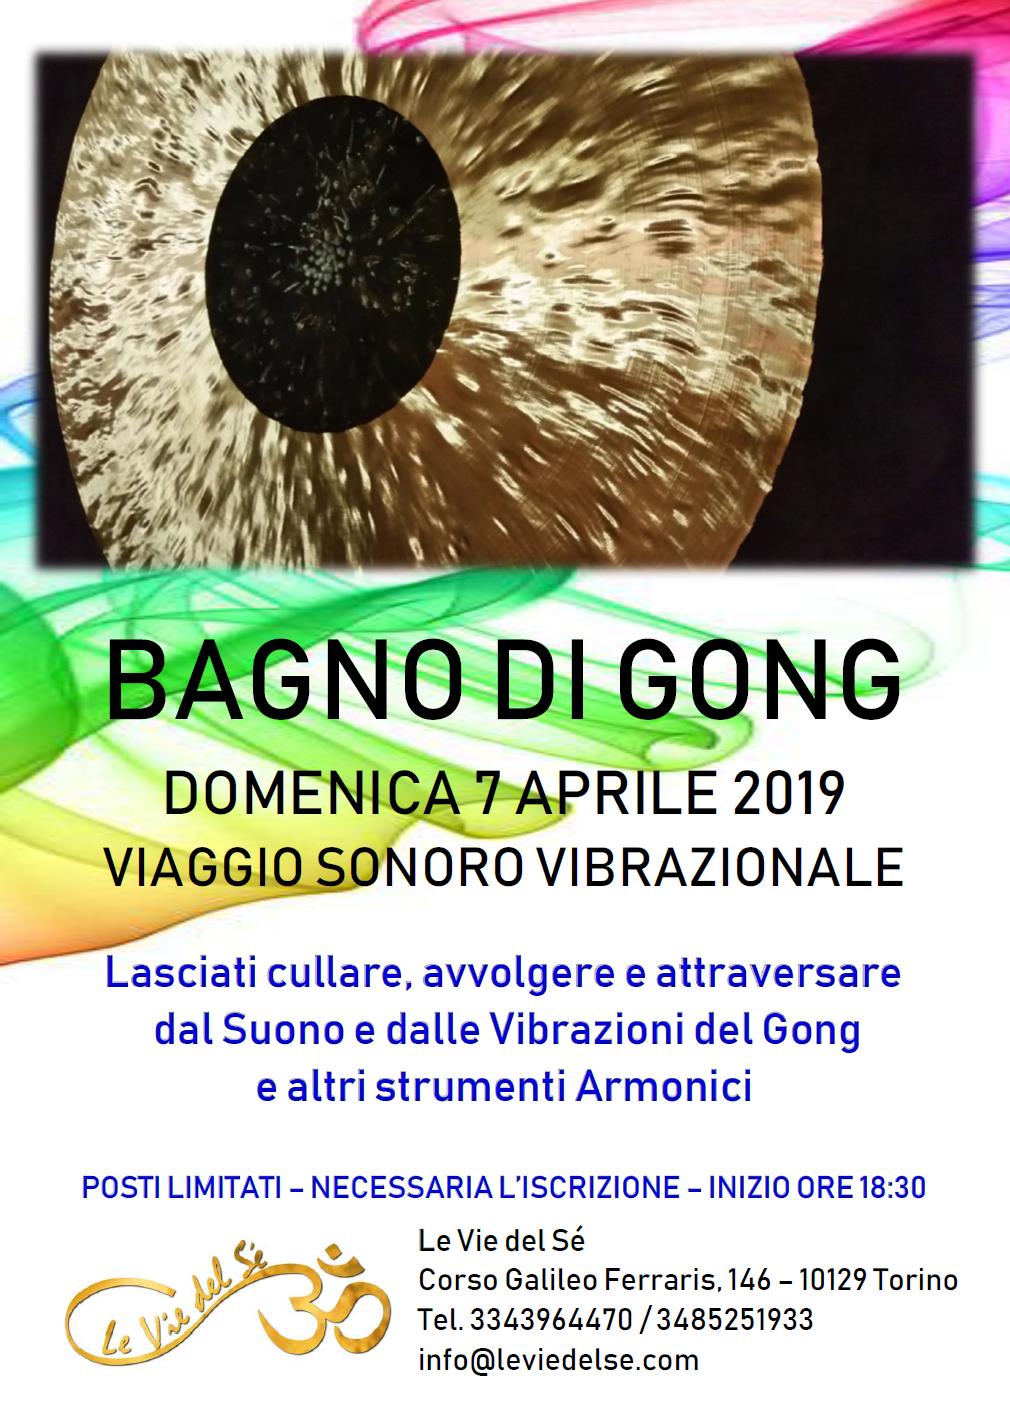 7 Aprile 2019 - Io S(u)ono - Bagno di Gong @ Le Vie del Sè - Torino